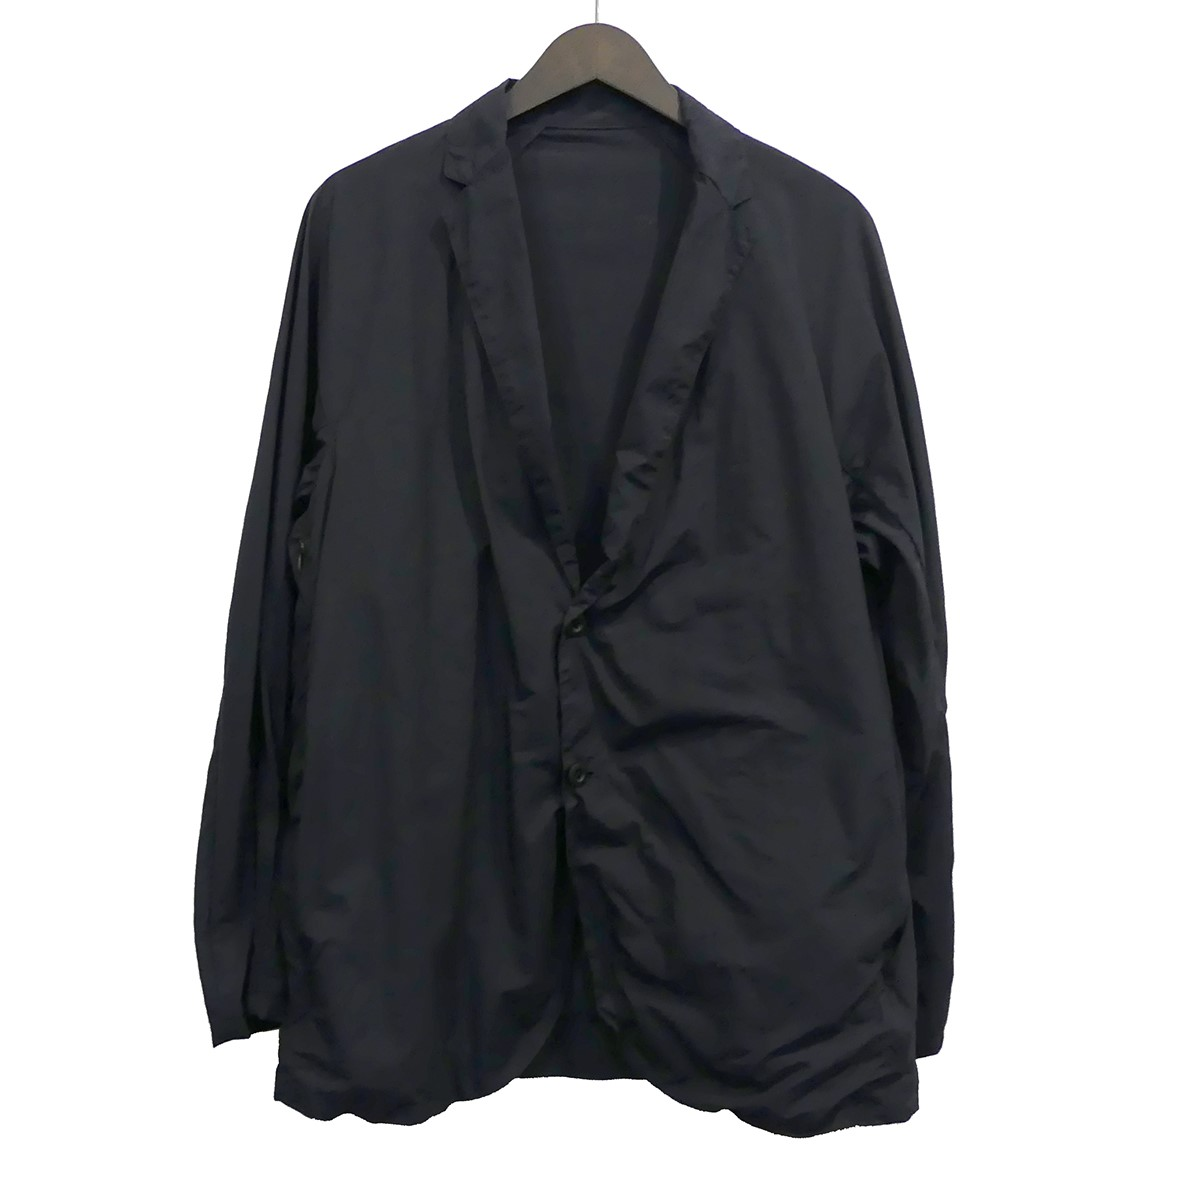 【中古】TEATORAWallet JACKET Packable ウォレットジャケット パッカブル ネイビー サイズ:48 【4月23日見直し】